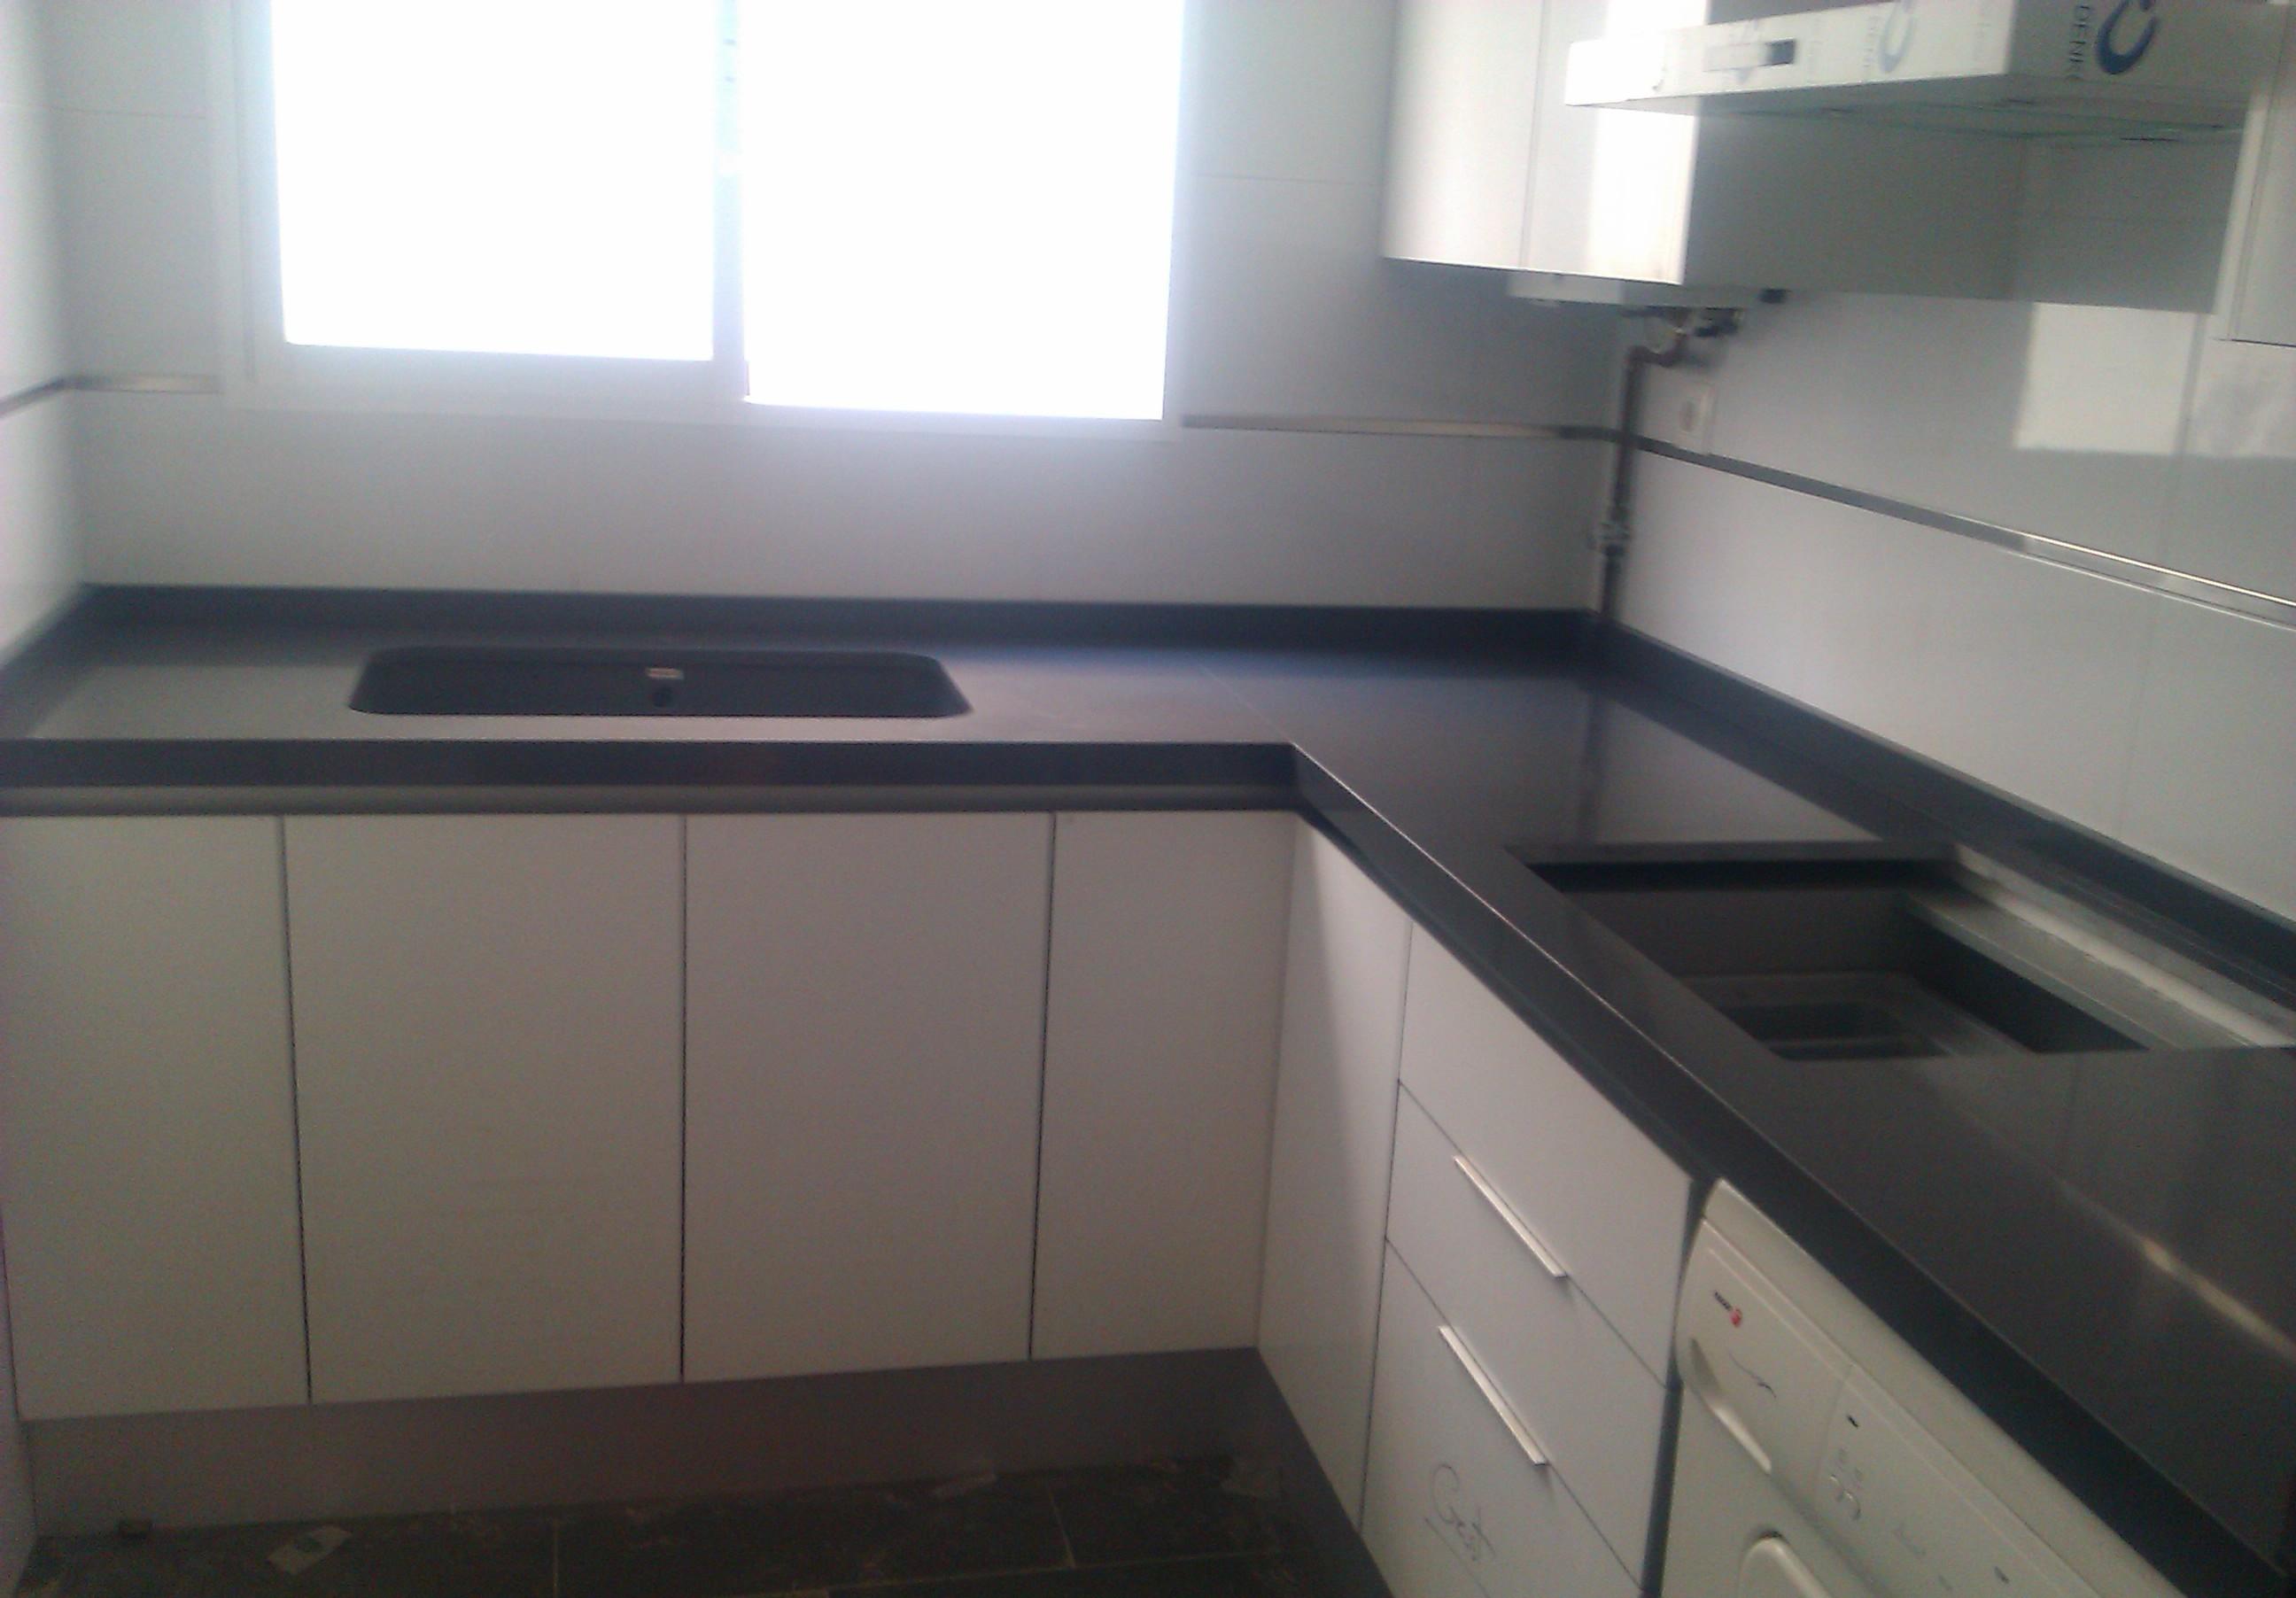 Marmoles vedat s l u encimeras para tu cocina o ba o for Encimera de granito gris